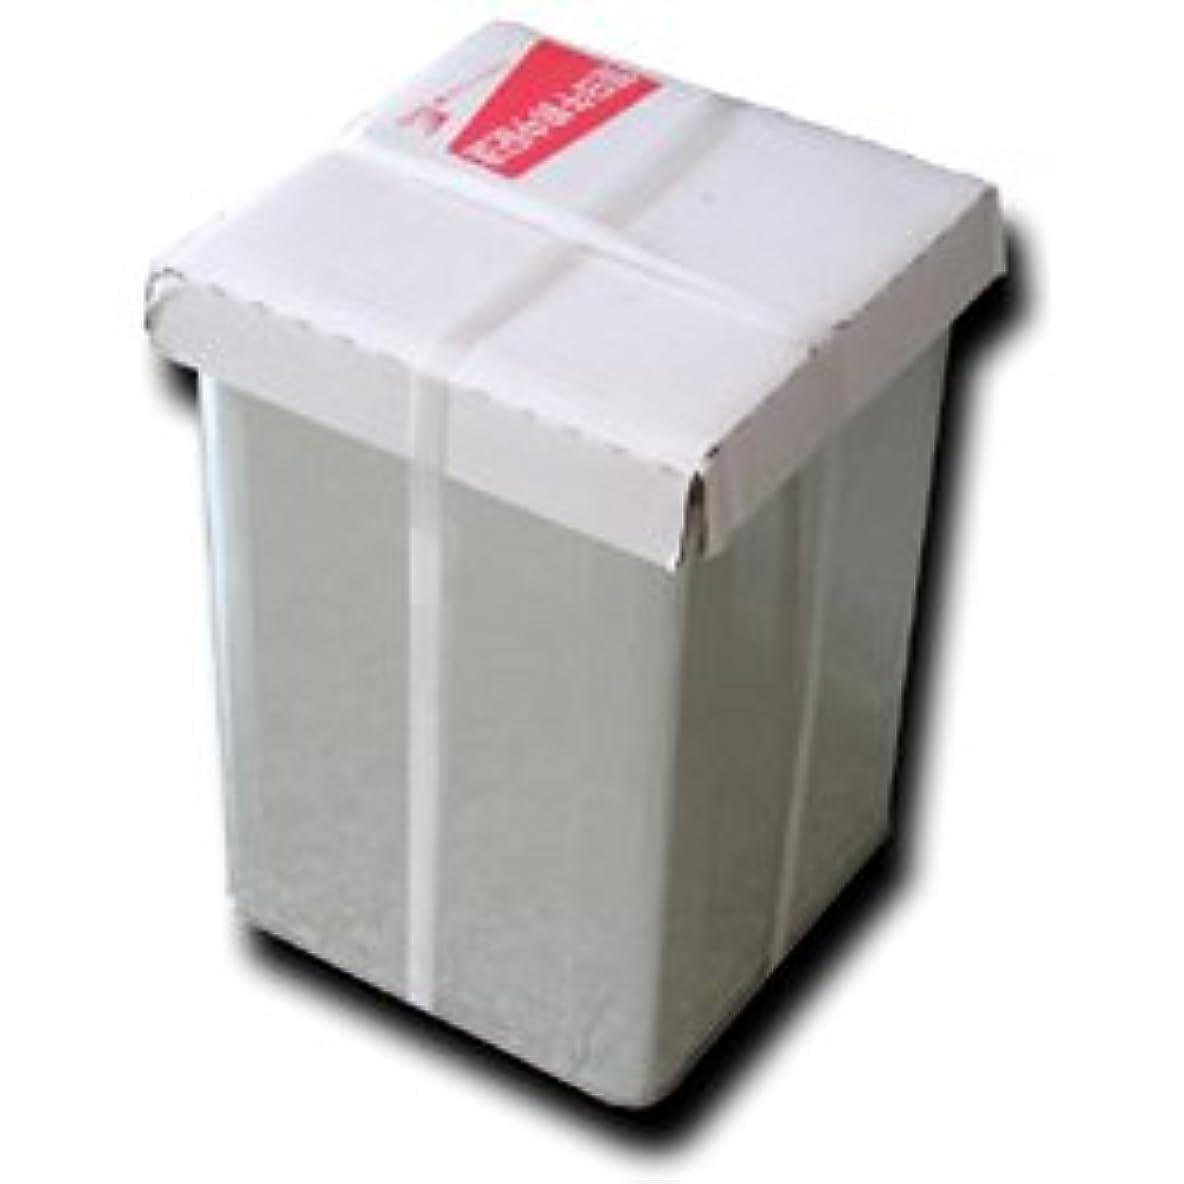 できる硬化するだます業務用 DHA油 ドコサヘキサエン酸 16kg×1缶 卸用